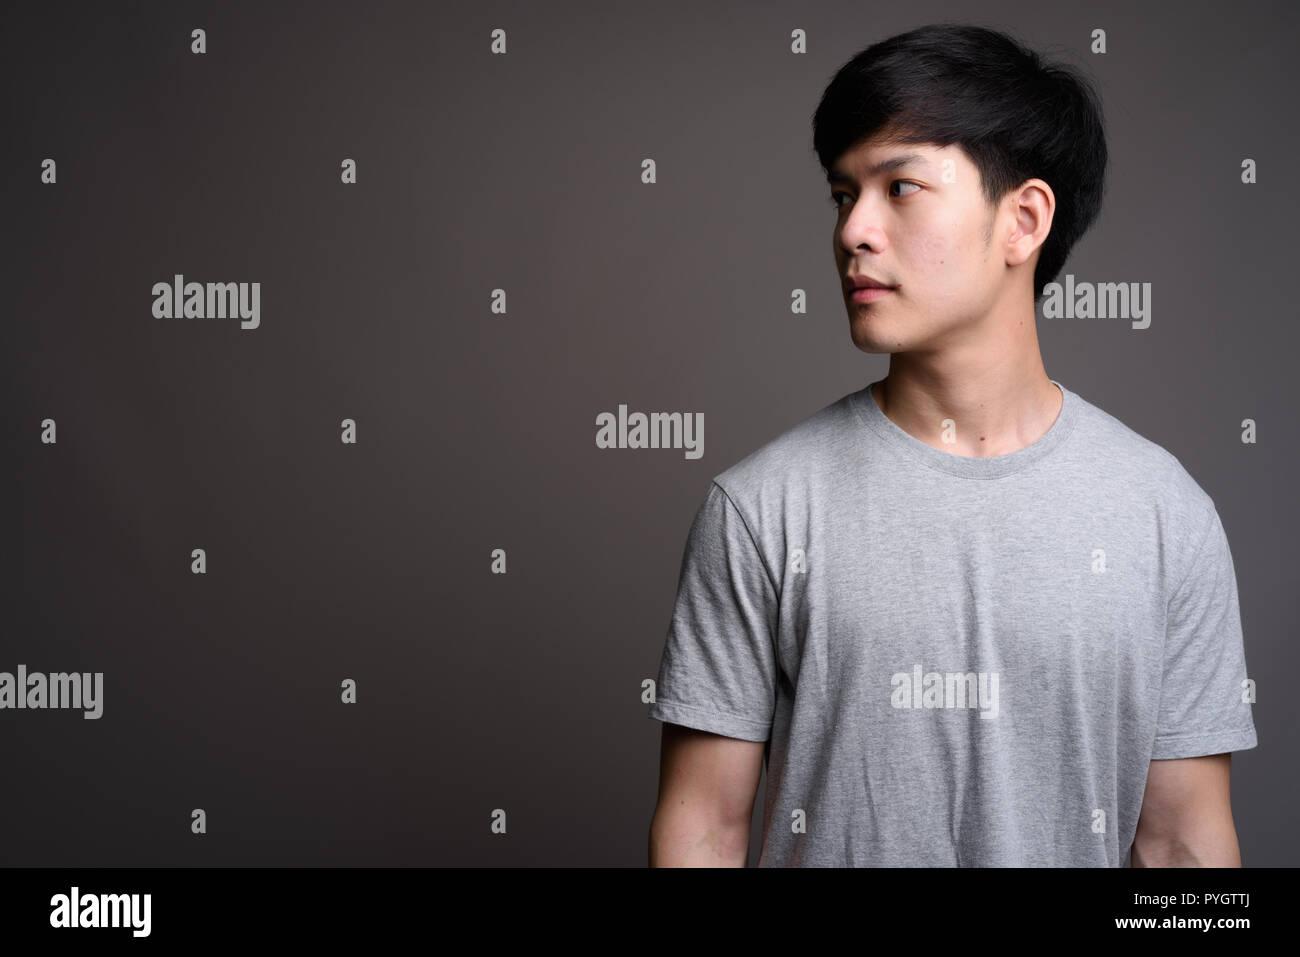 Dating ein asiatischer amerikanischer Kerl